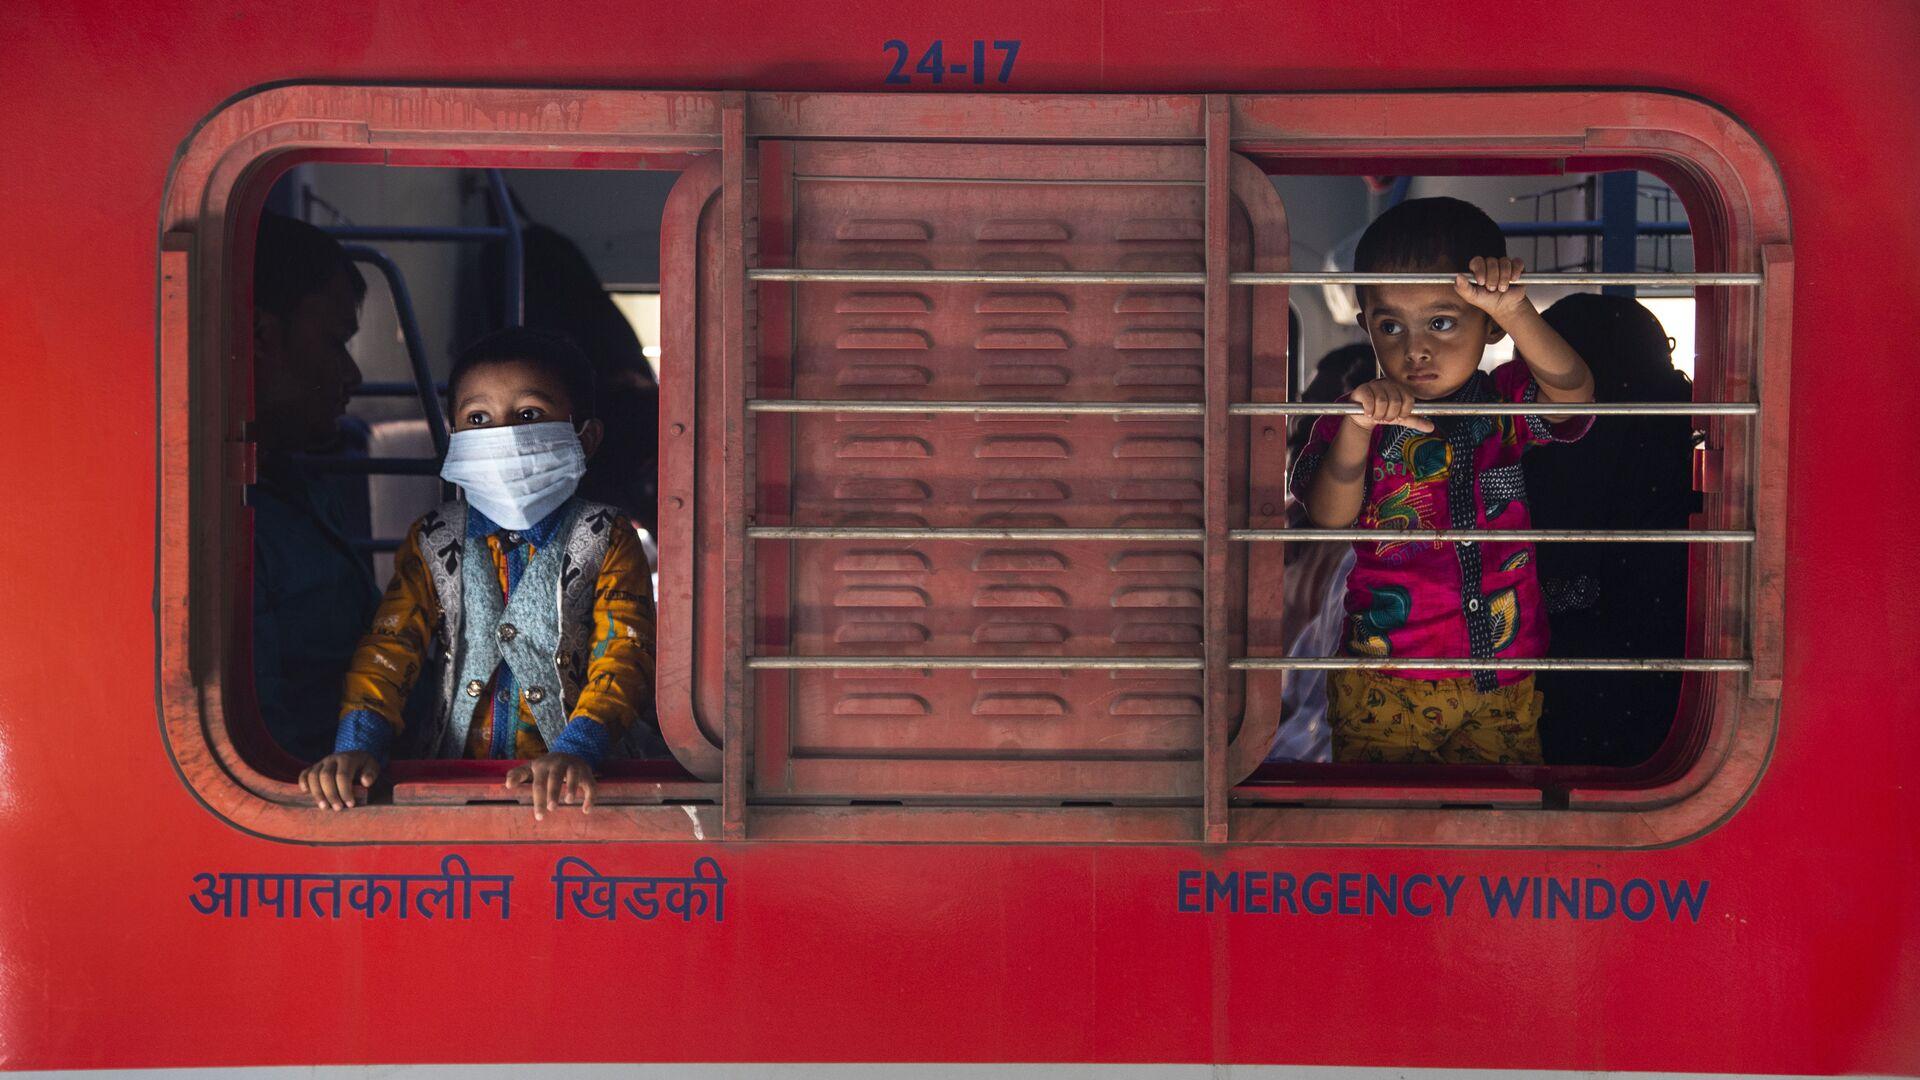 Мальчики смотрят в окно поезда на железнодорожной станции в Гаухати, Индия - Sputnik Italia, 1920, 05.06.2021